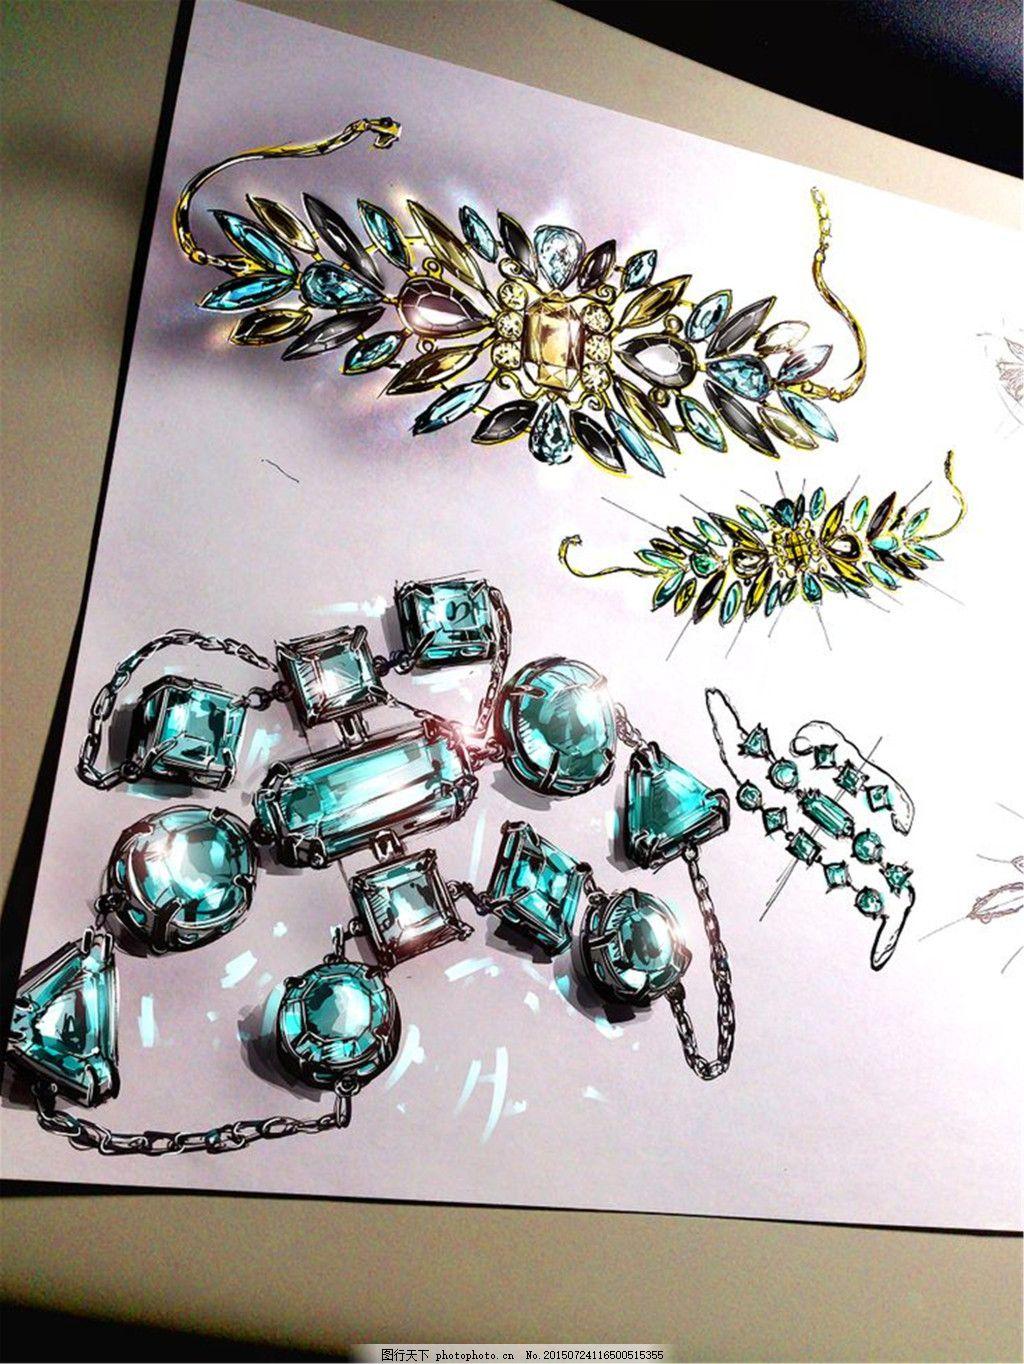 彩色项链图片设计 手绘 珠宝 项链 时尚 创意 潮流 新颖 美丽